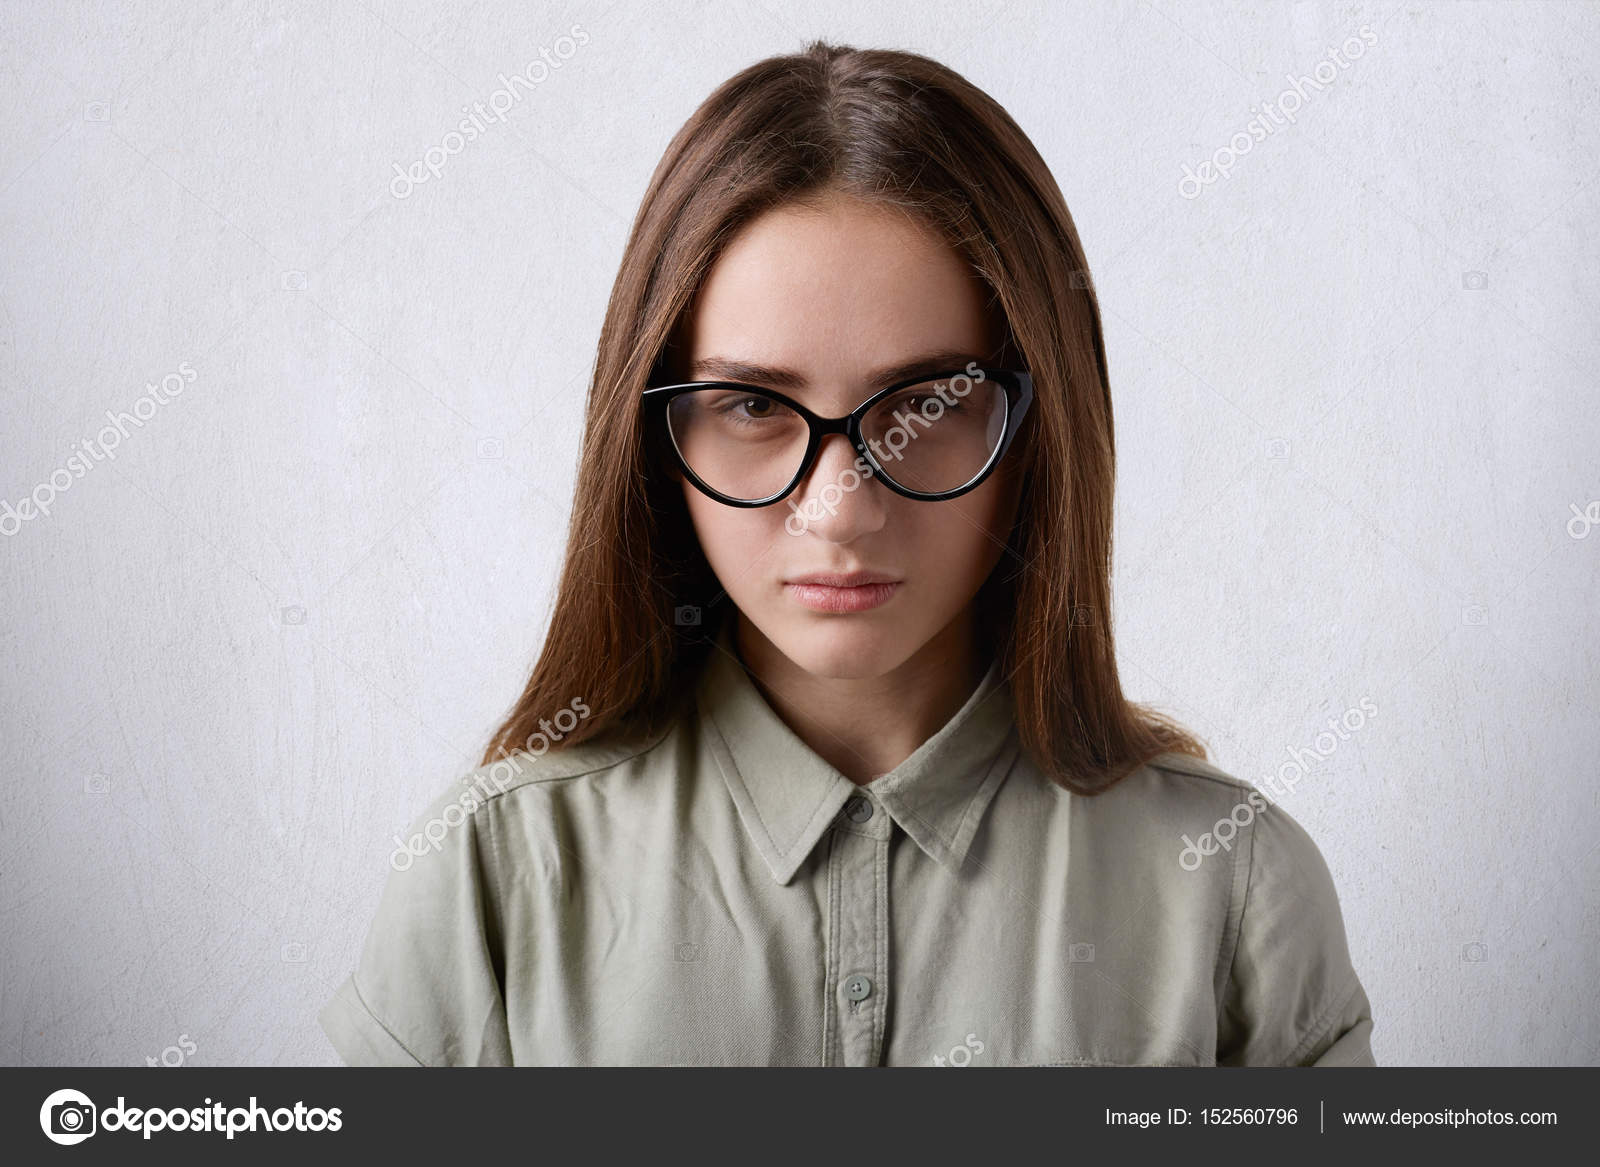 d86394f4ea Un retrato de bastante joven colegiala teniendo pelo liso largo castaño  lleva camisa elegante y anteojos piercingly mirando a la cámara aislada  sobre fondo ...